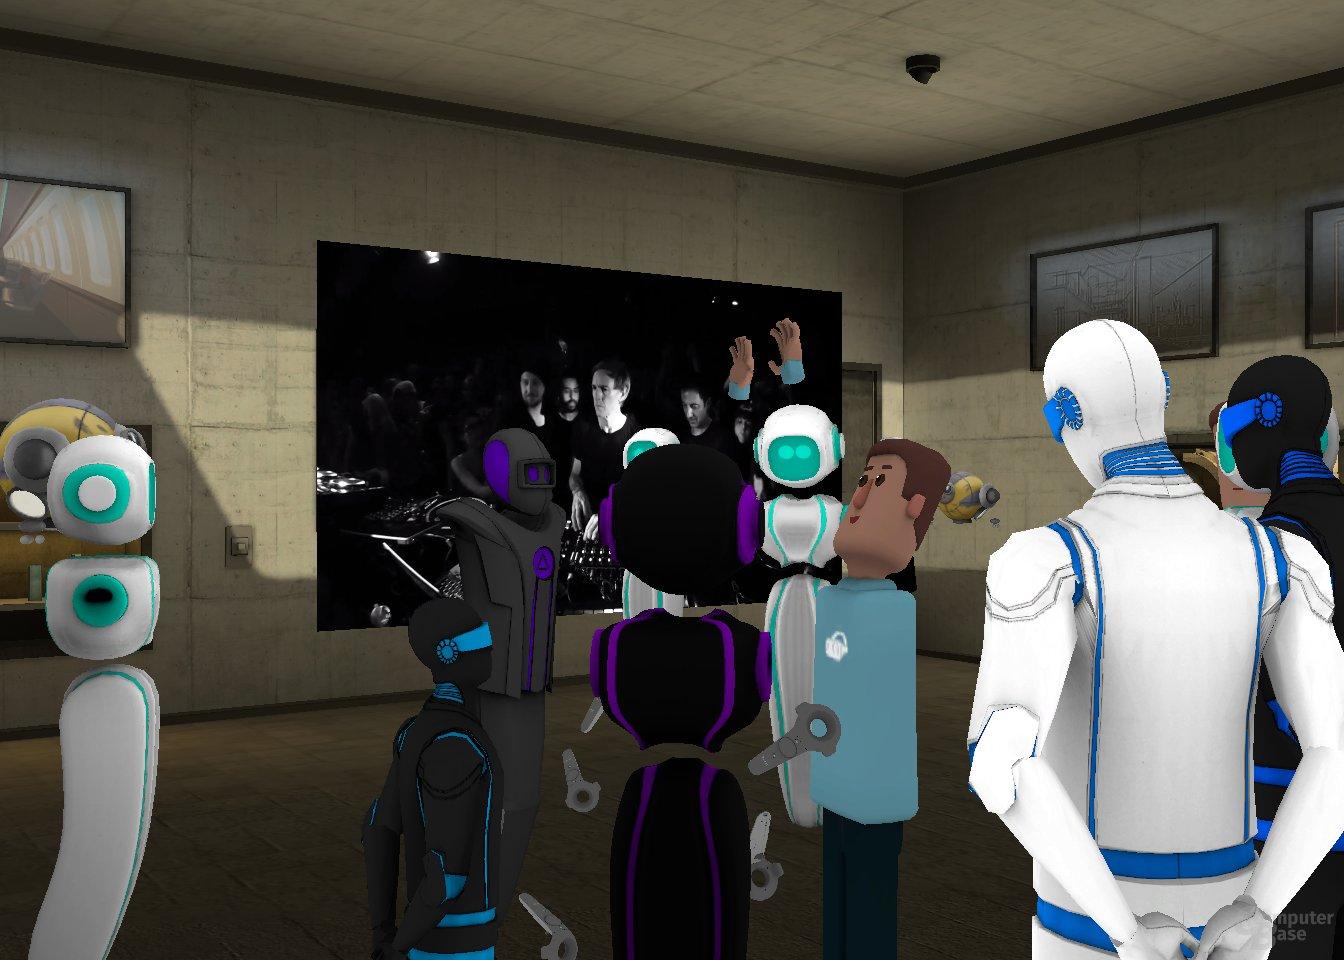 Bei der Live-Übertragung eines Boiler Room Musik-Events wirft ein VR-Nutzer mit Leap Motion die Hände in die Höhe